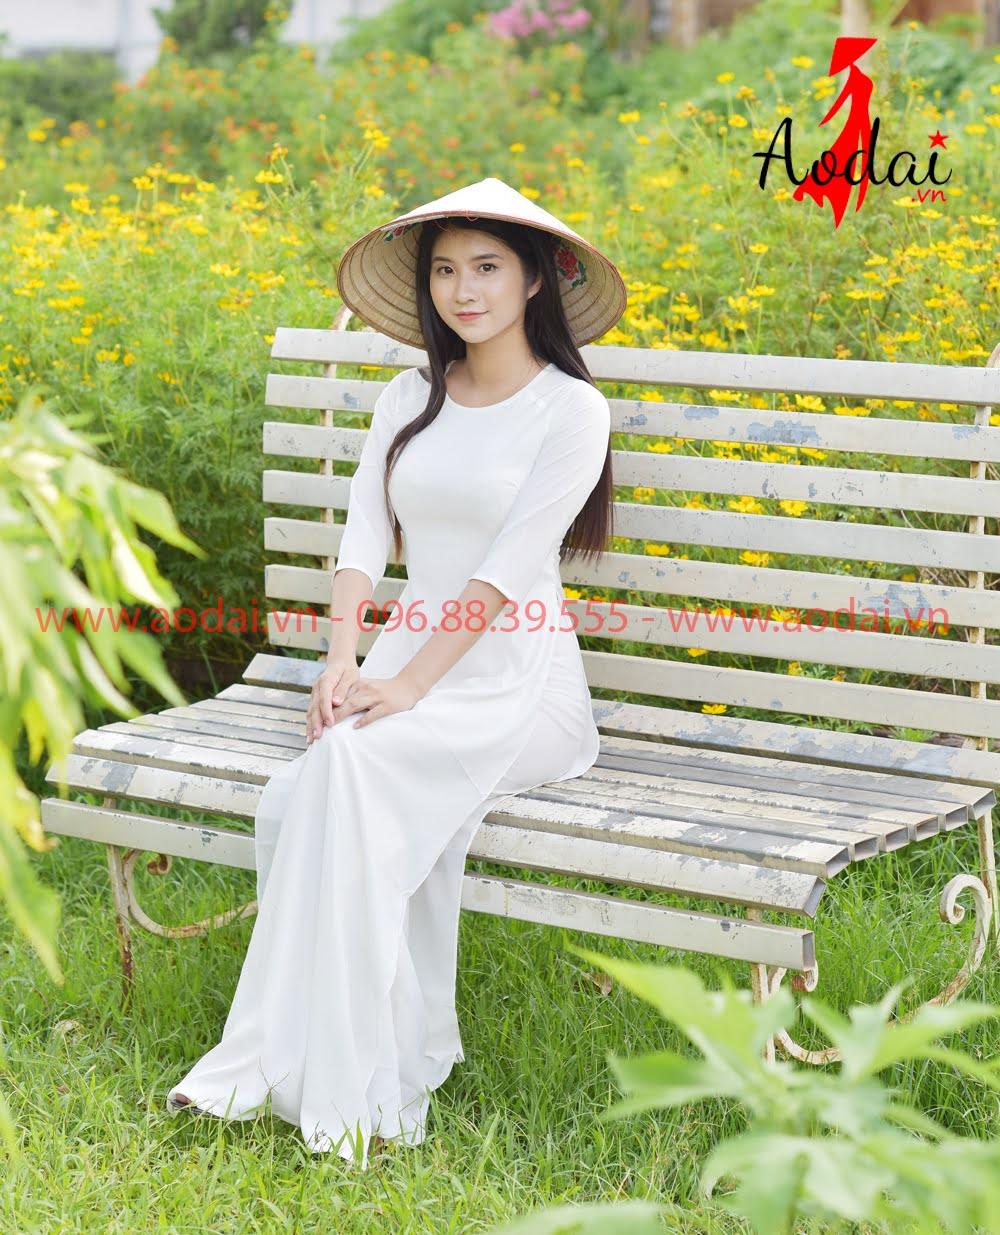  In áo dài tại Quảng Ngãi